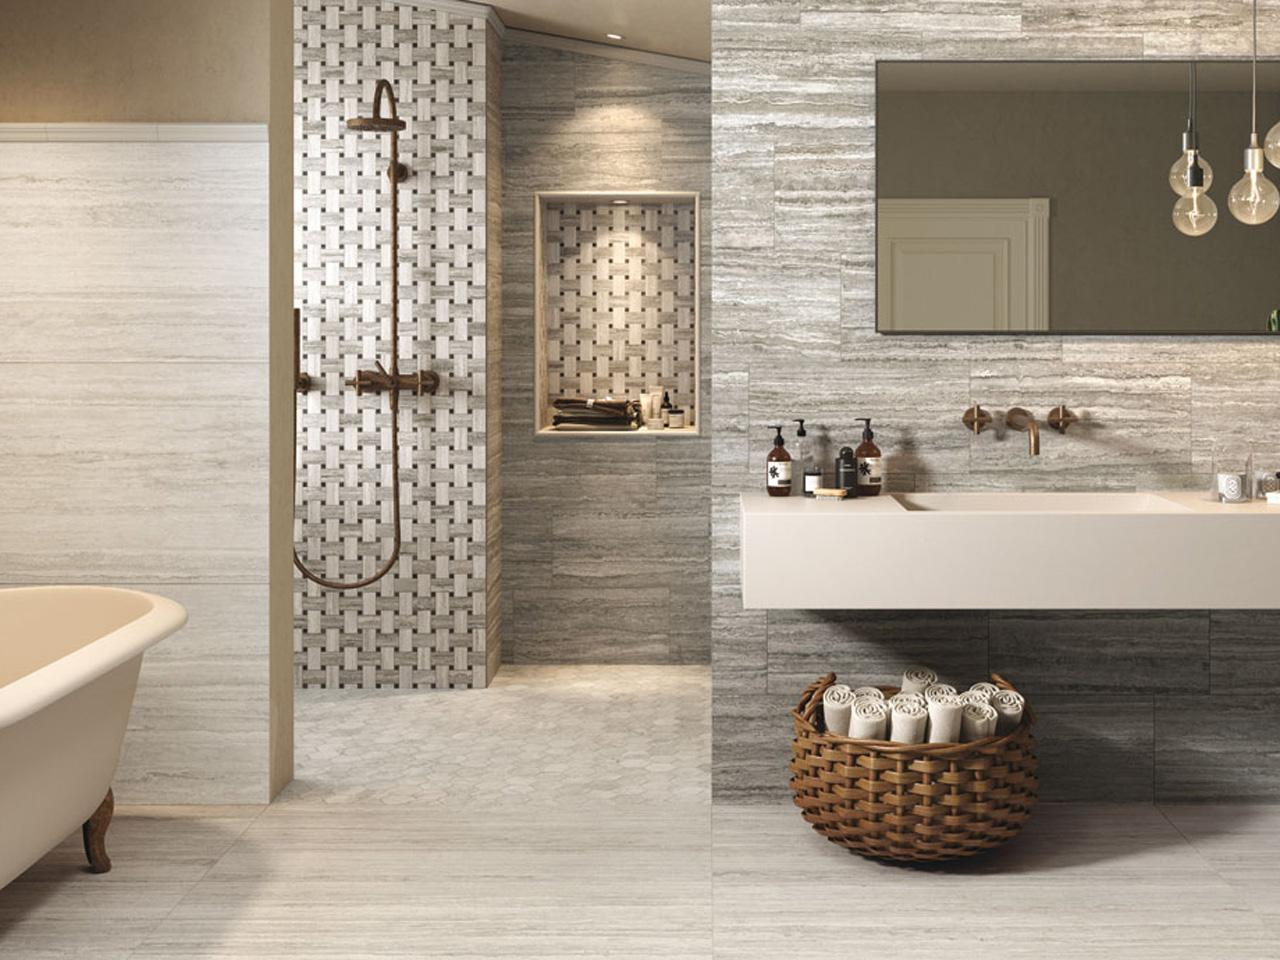 Bagnoidea prodotti e tendenze per arredare il bagno for Arredamento bagni